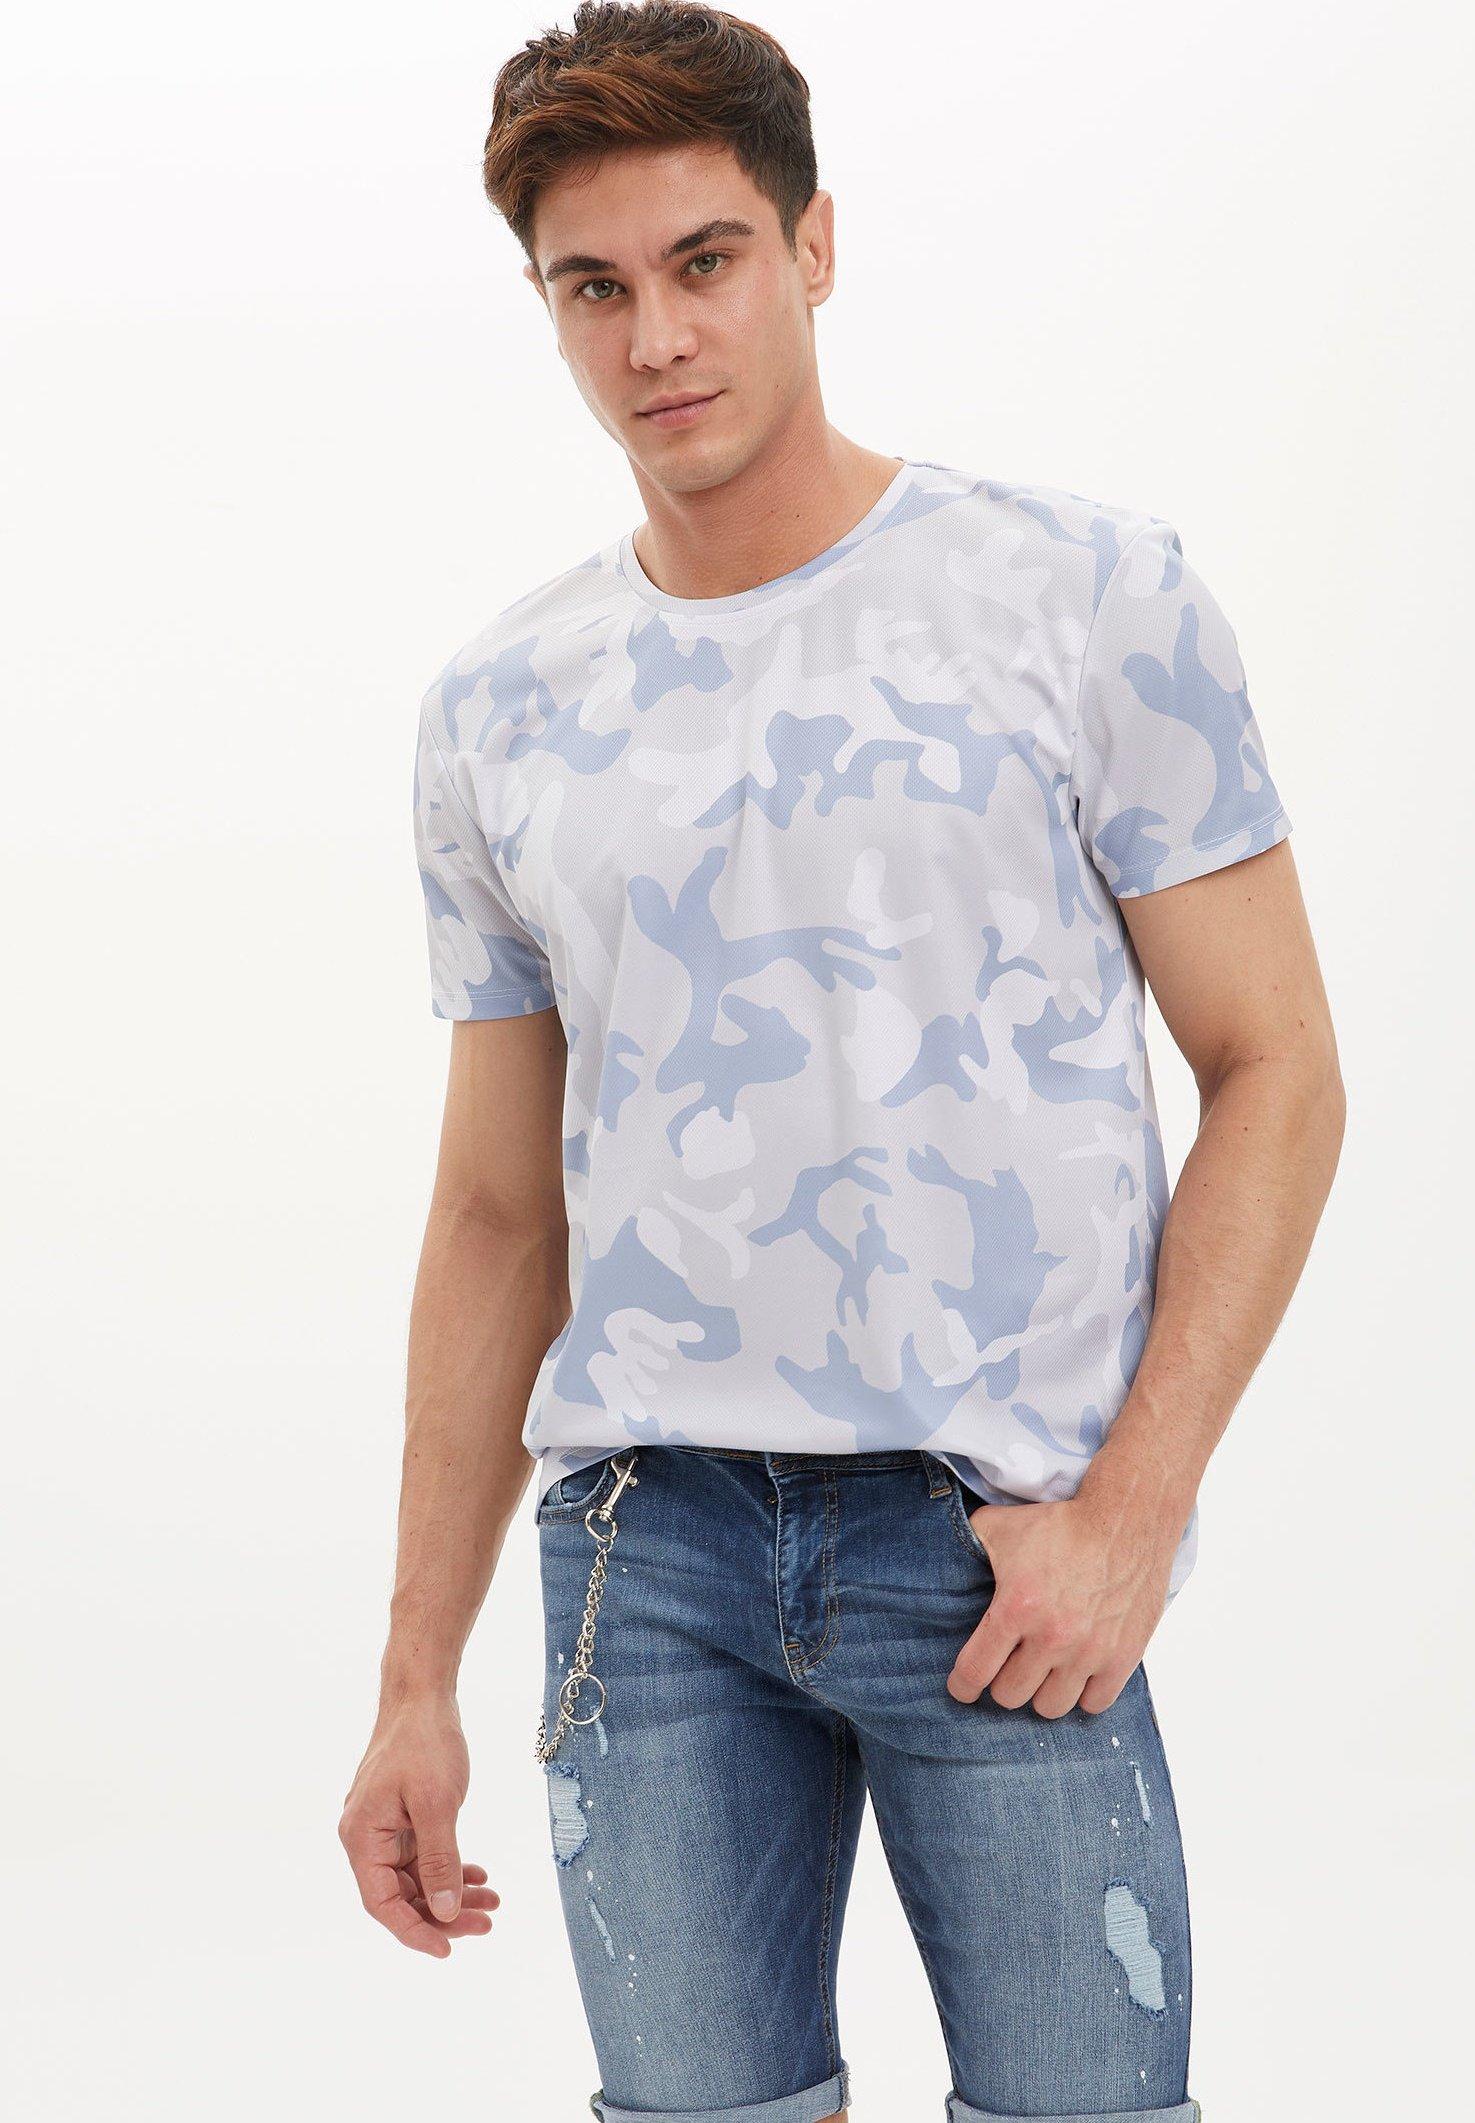 DeFacto Print T-shirt - grey FPT6O